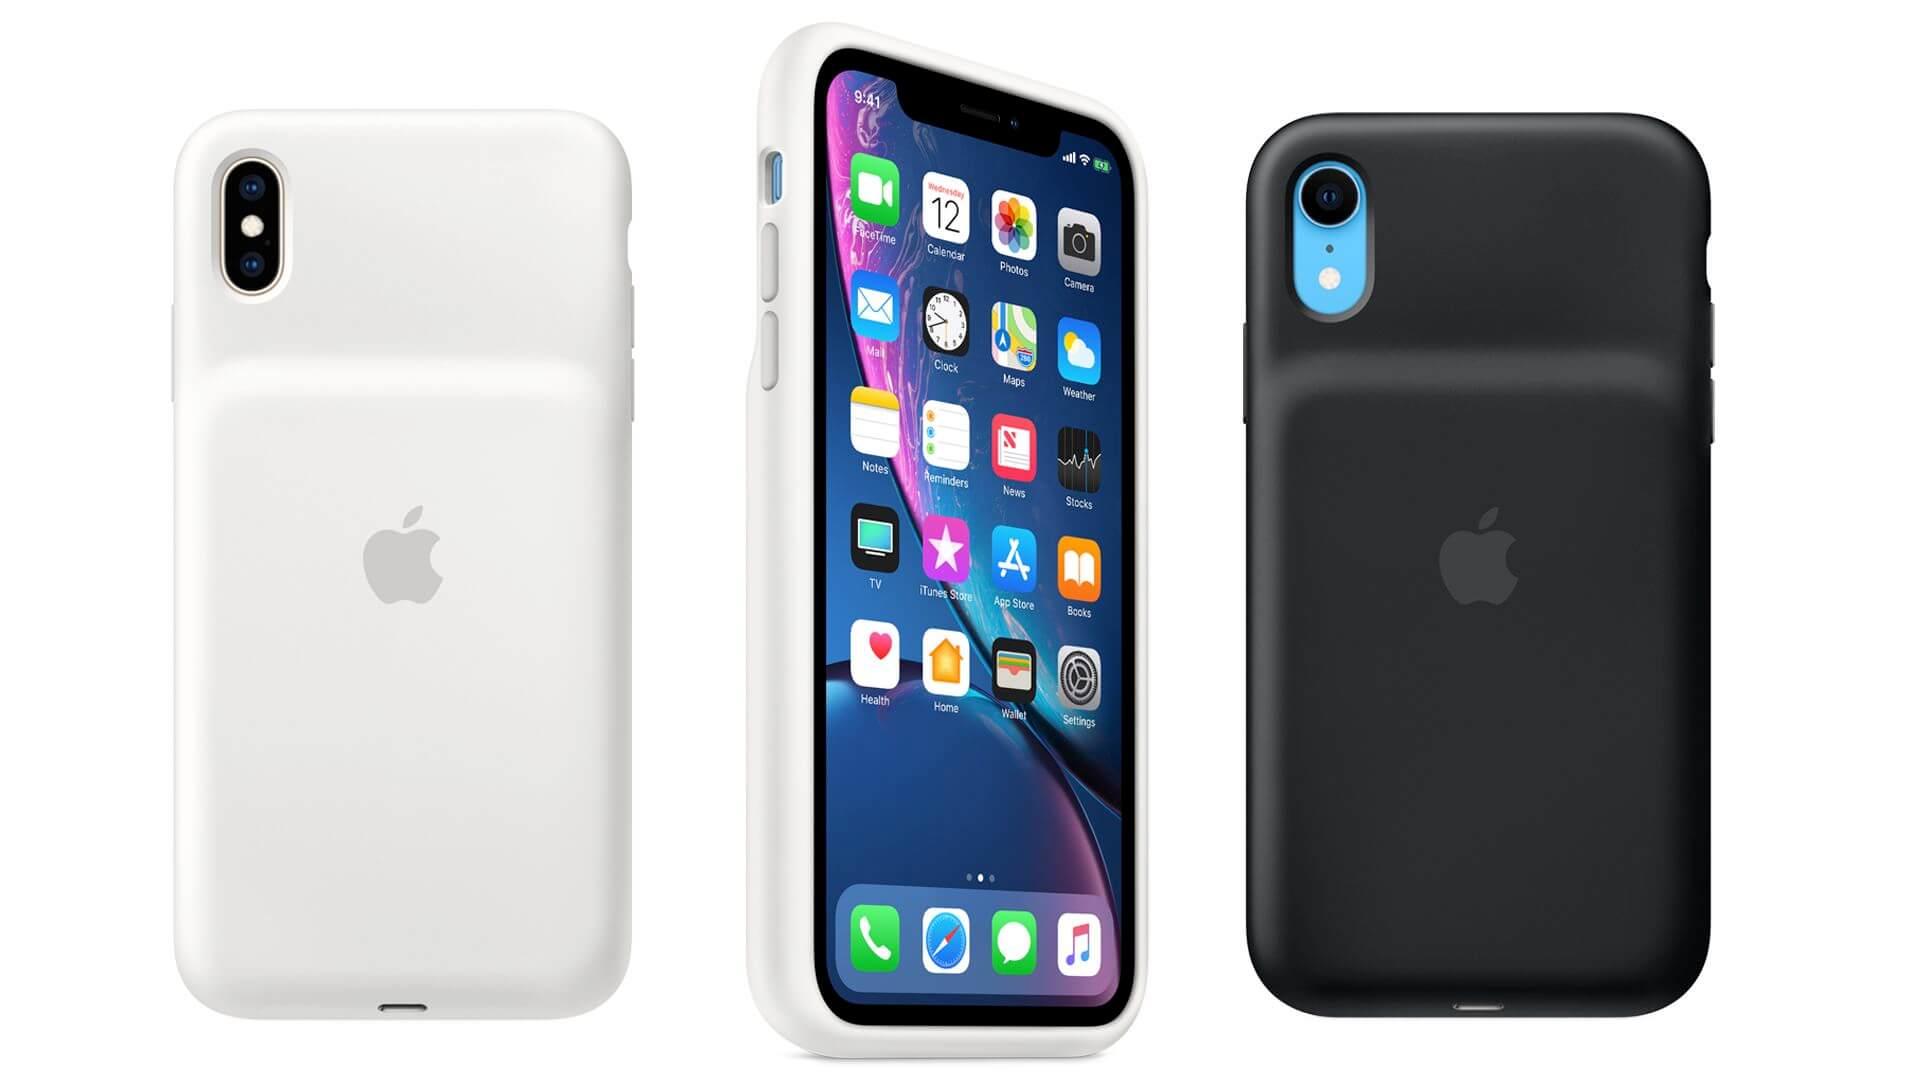 Apple преувеличила показатели чехлов-аккумуляторов нового поколения - фото 2 | Сервисный центр Total Apple